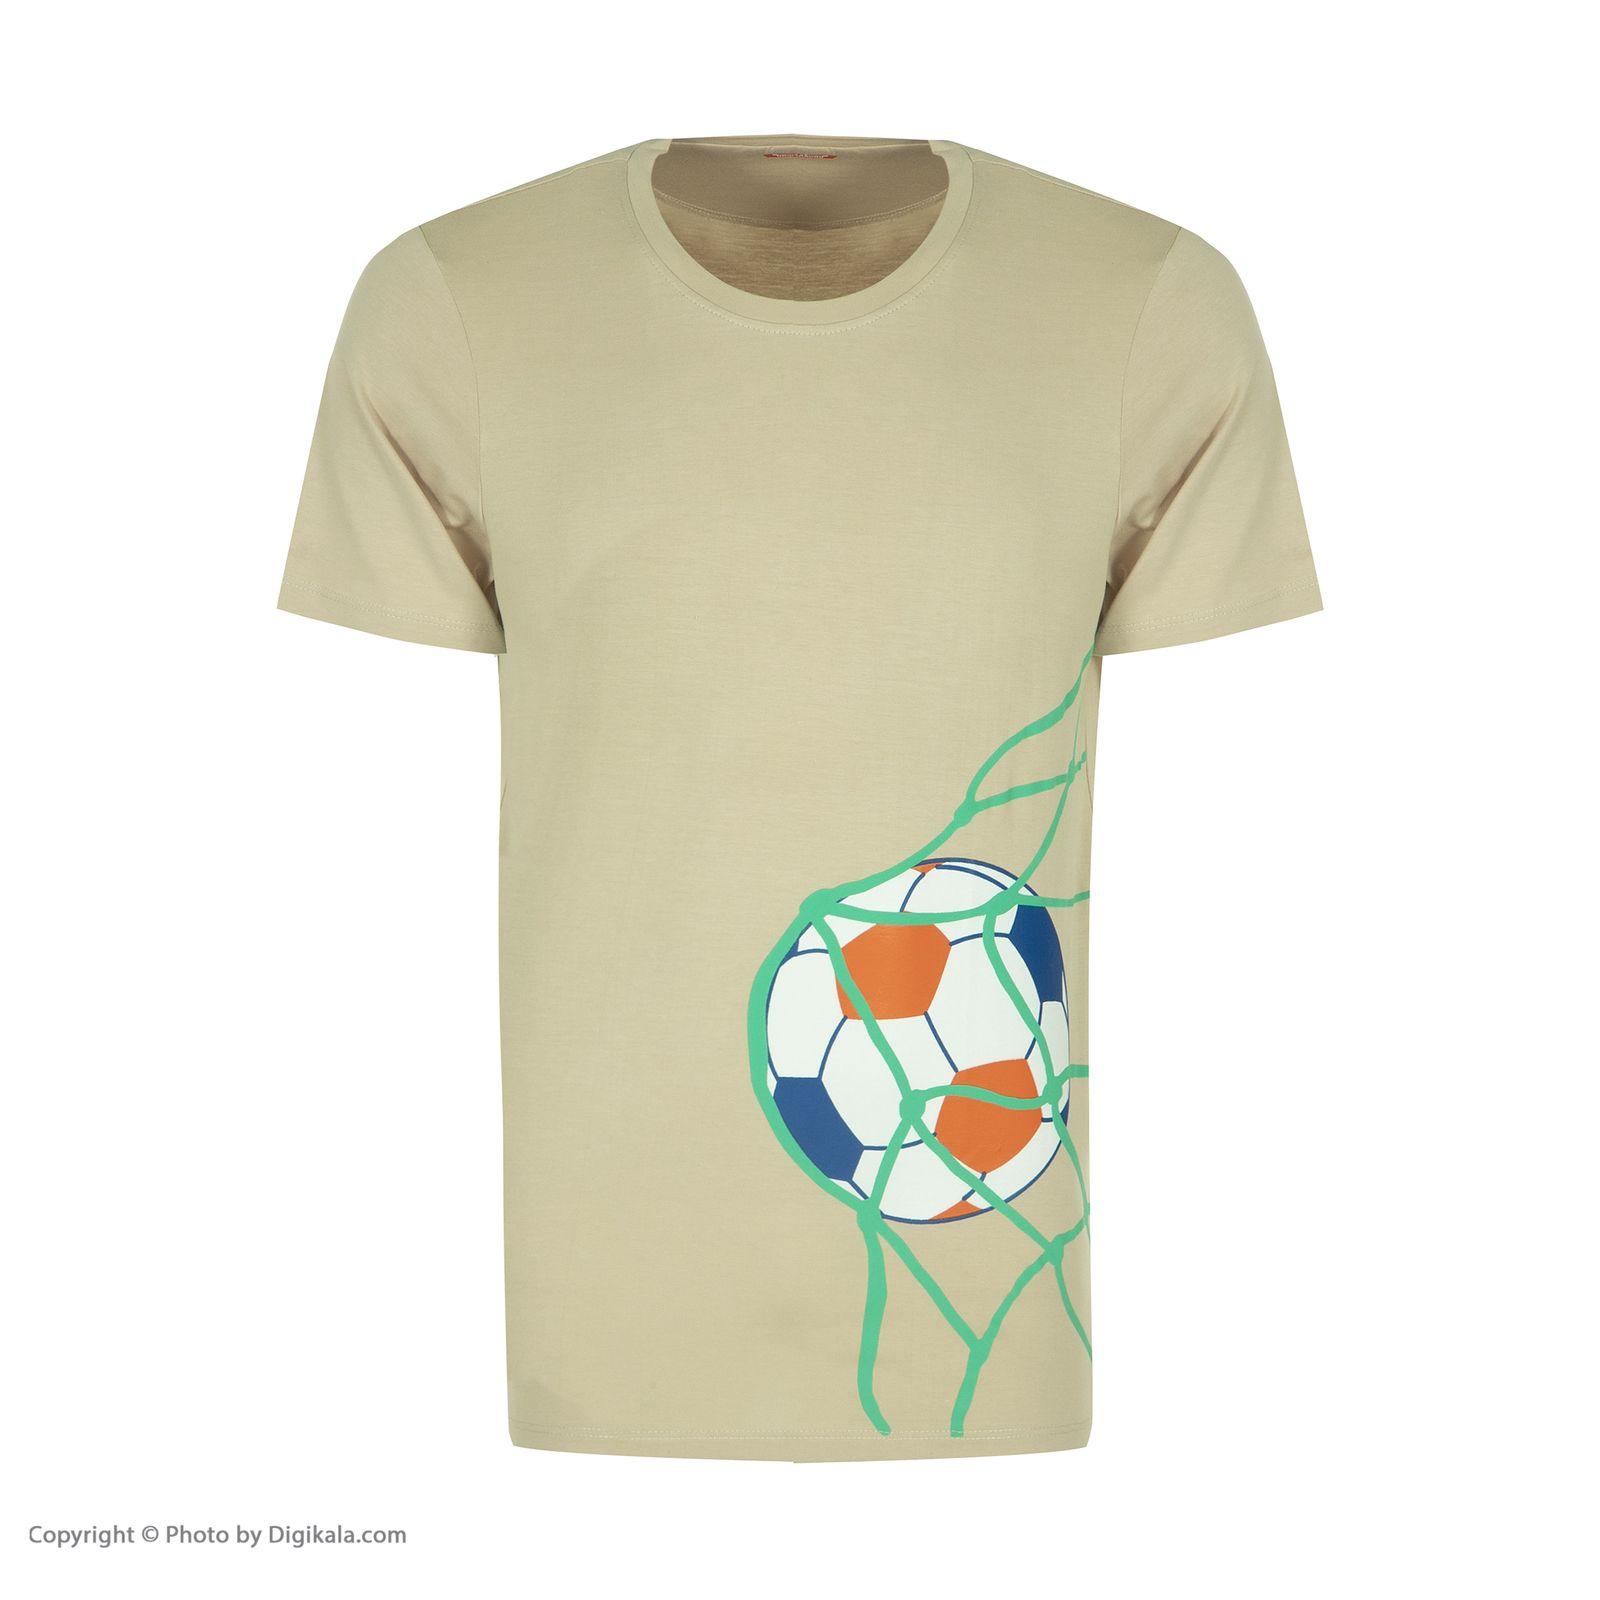 ست تی شرت و شلوارک راحتی مردانه مادر مدل 2041109-07 -  - 4